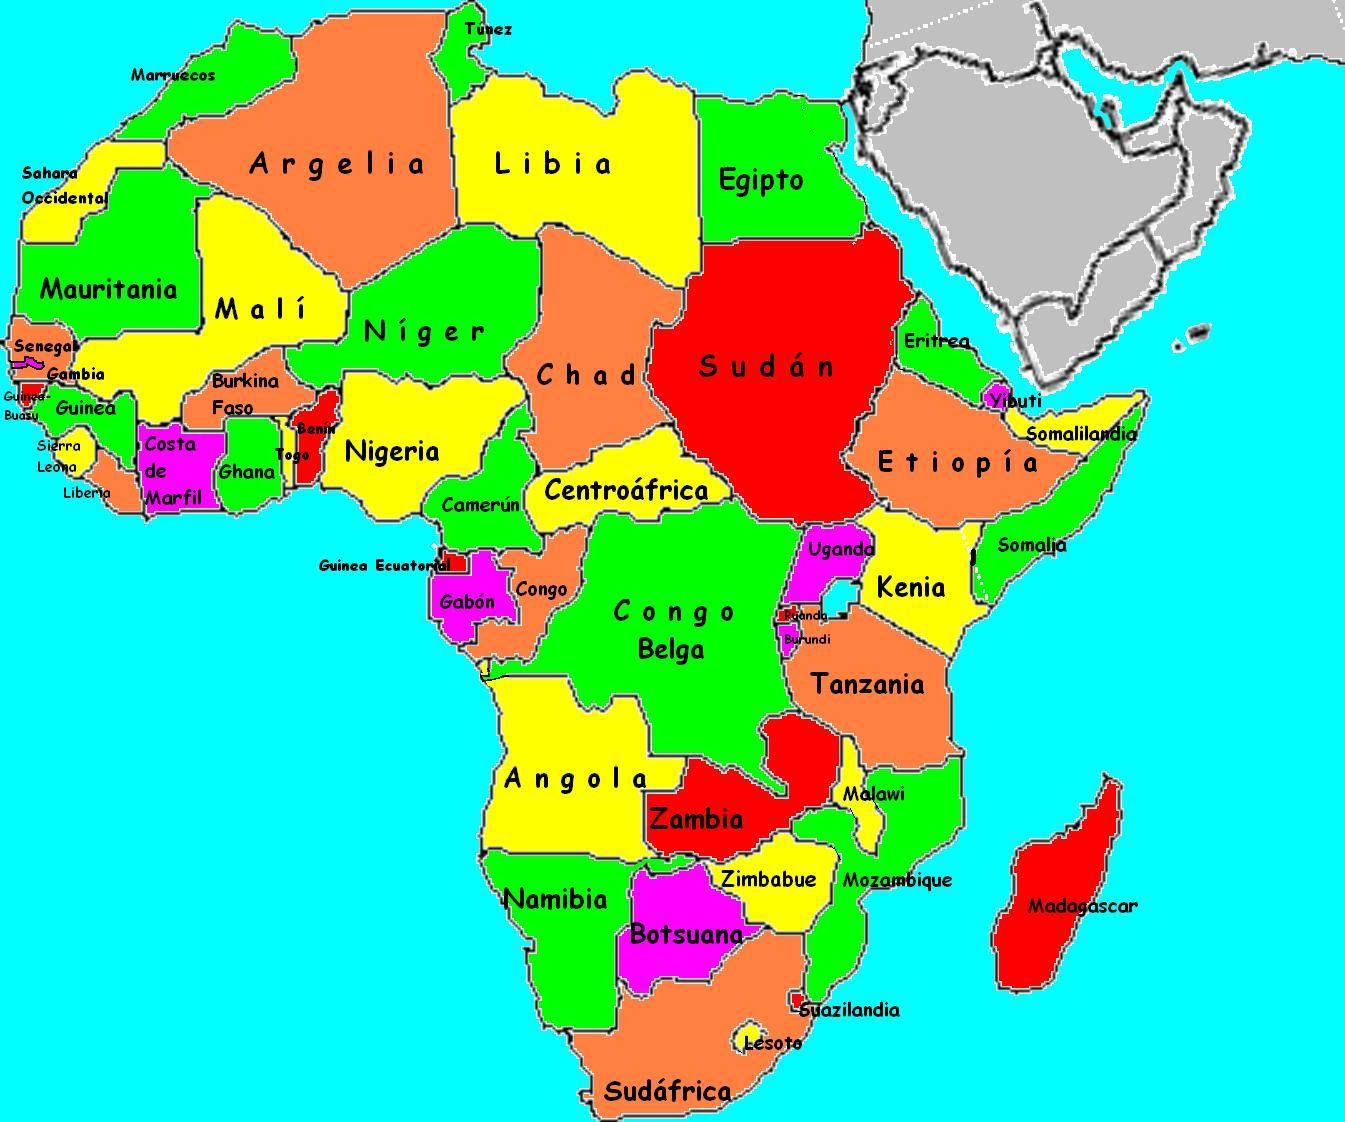 Puebla De Zaragoza En Puebla Africa Mapa Mapa Politico De Africa Mapa Paises